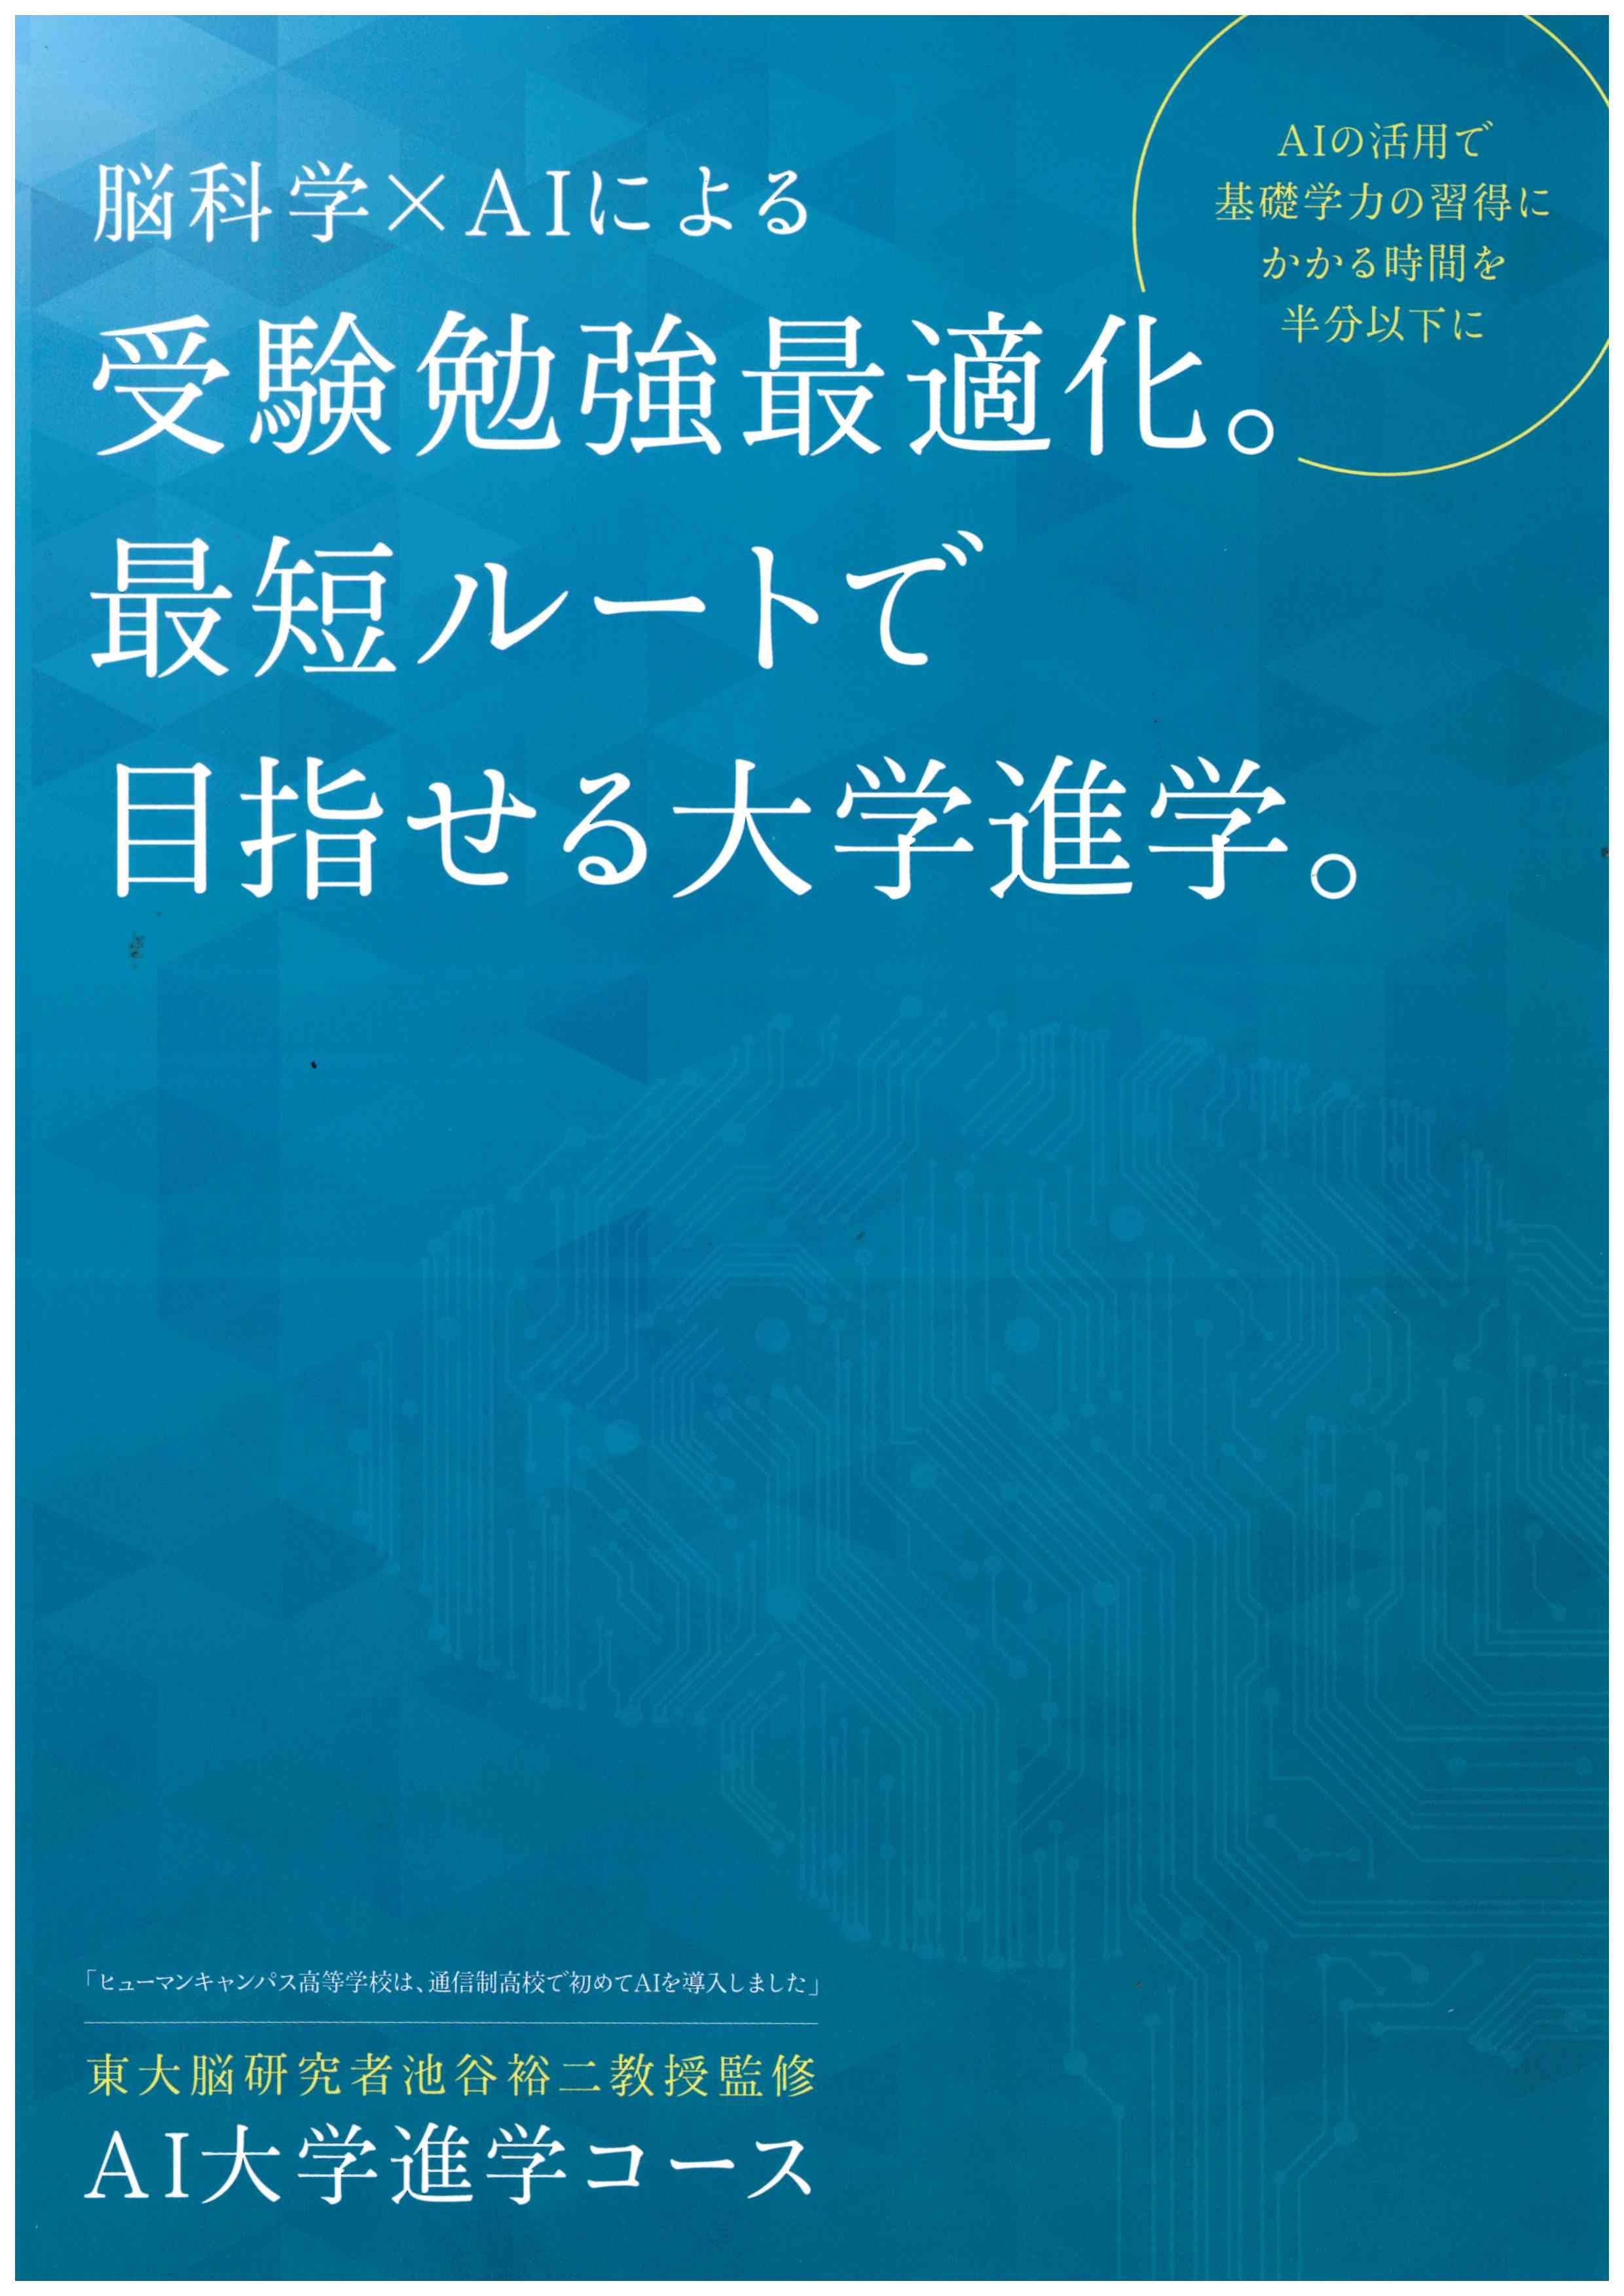 【高松】夏のオープンスクール☆AI大学進学コース体験授業☆